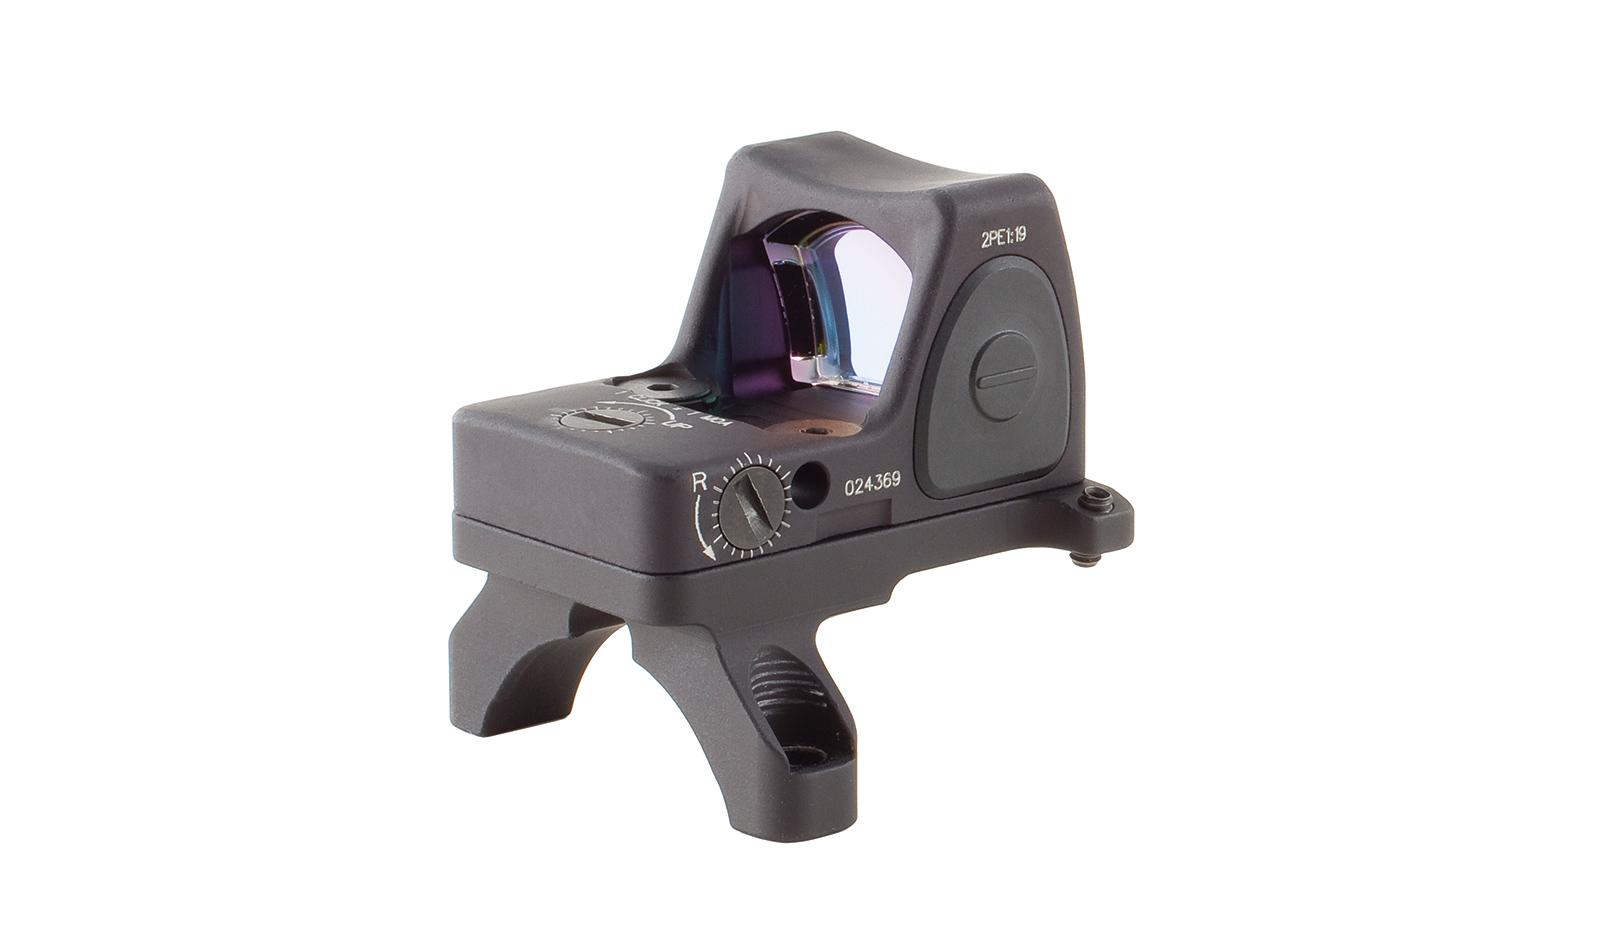 RM07-C-700683 angle 3